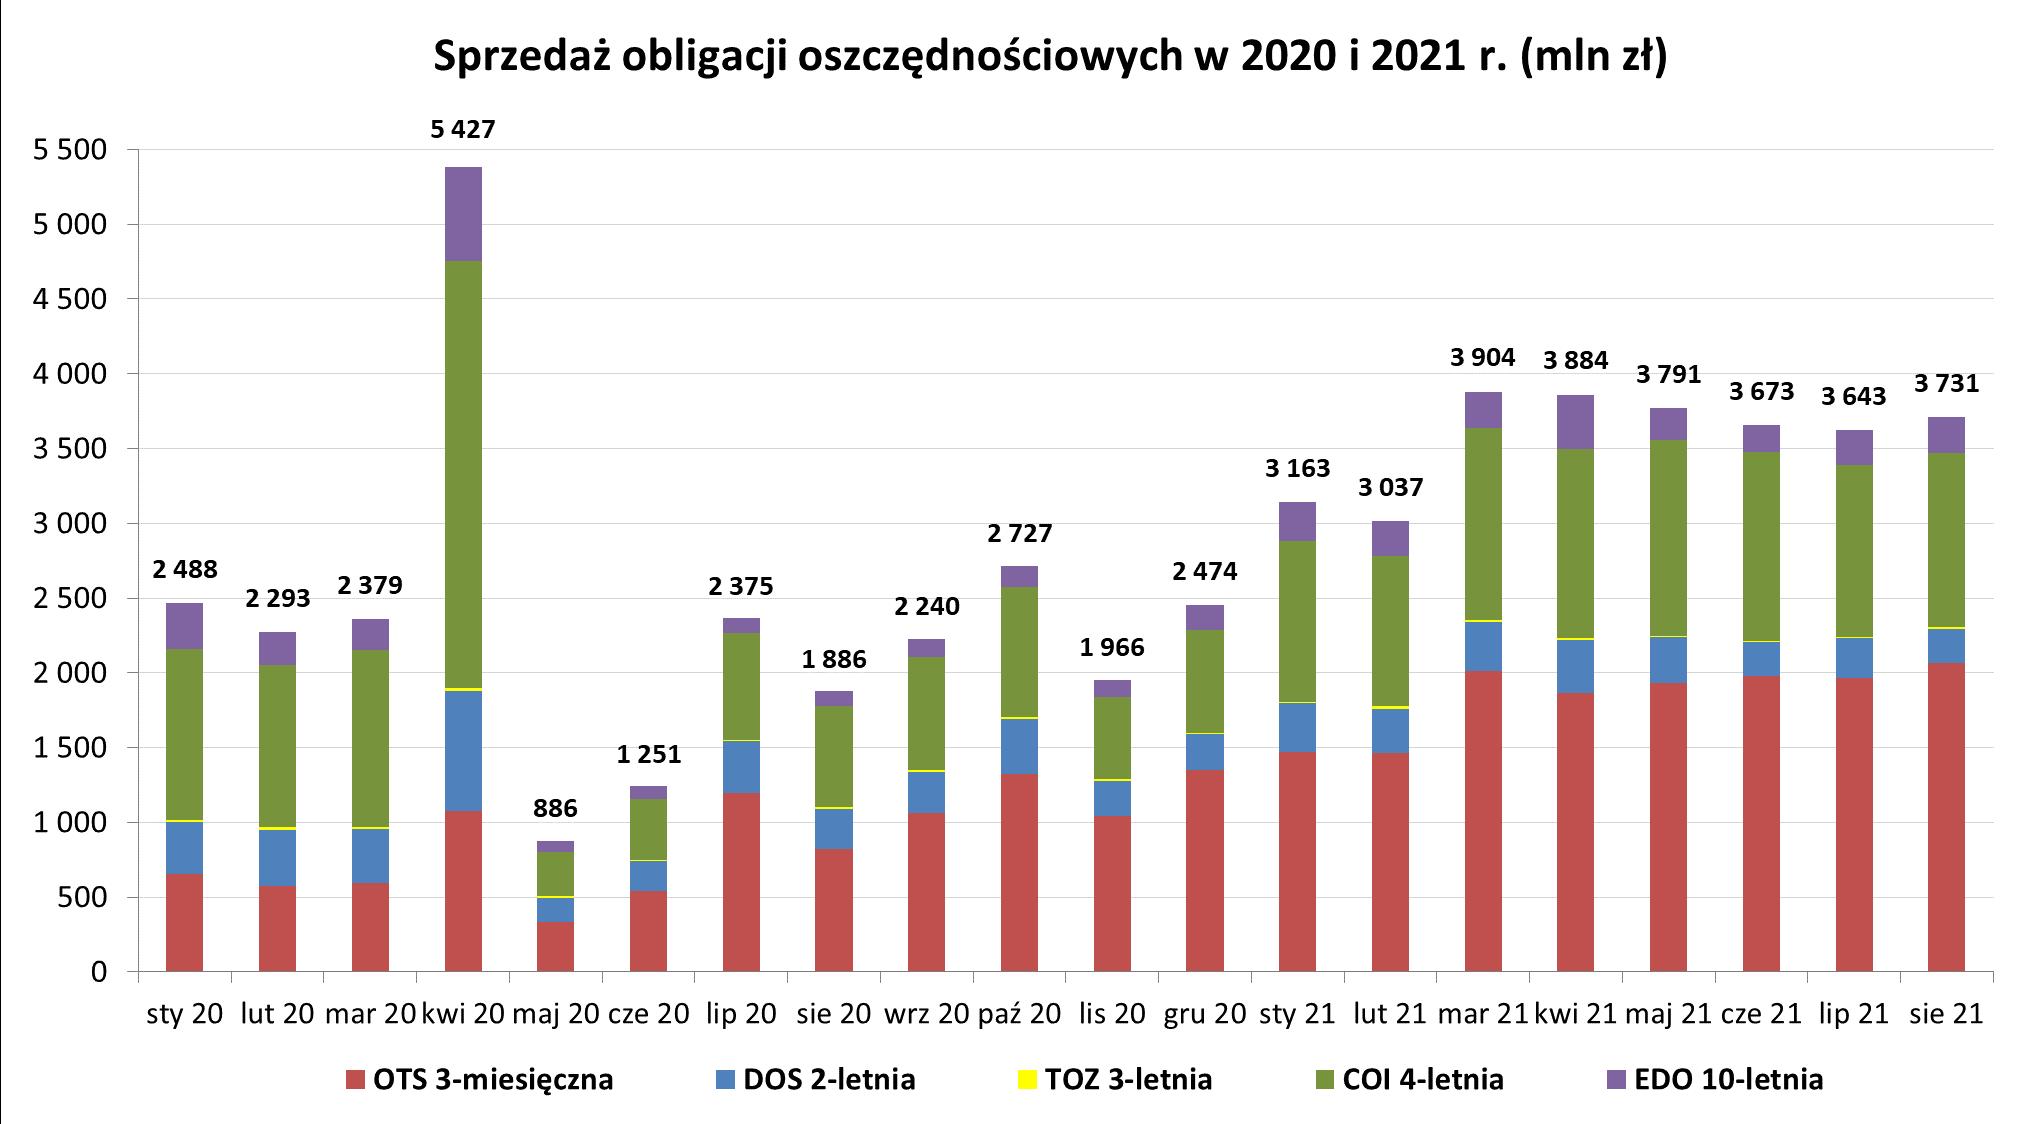 Grafika słupkowa przedstawiająca sprzedaż obligacji oszczędnościowych w 2020 i 2021 r (mln zł) w sierpniu 2021 r.